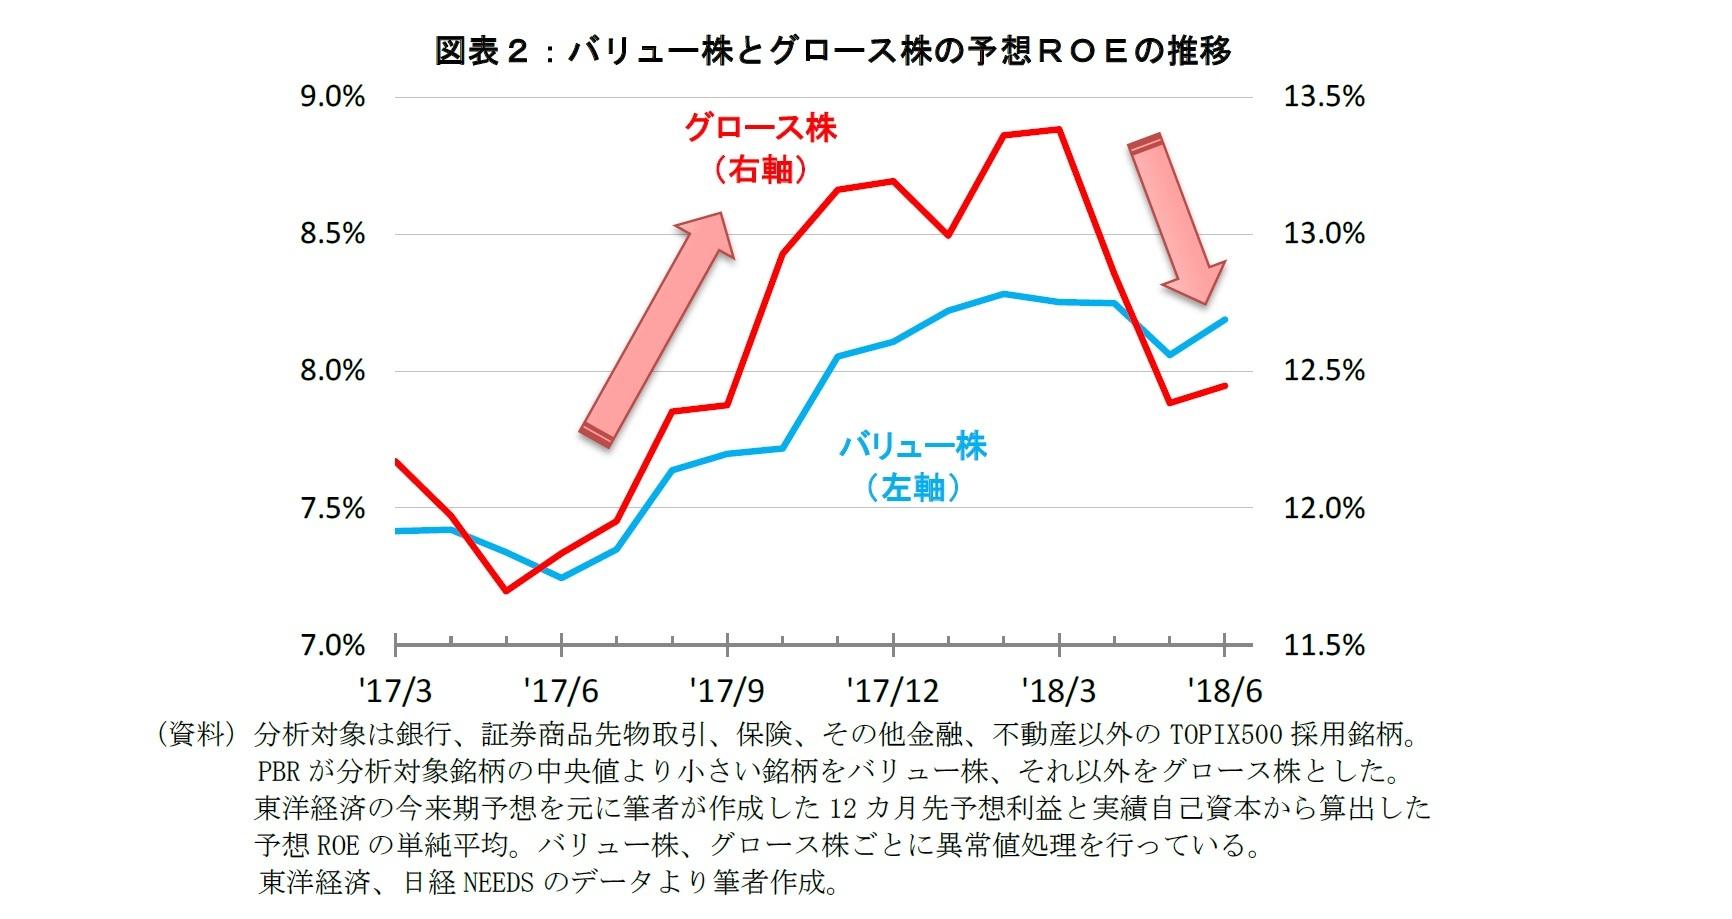 図表2:バリュー株とグロース株の予想ROEの推移